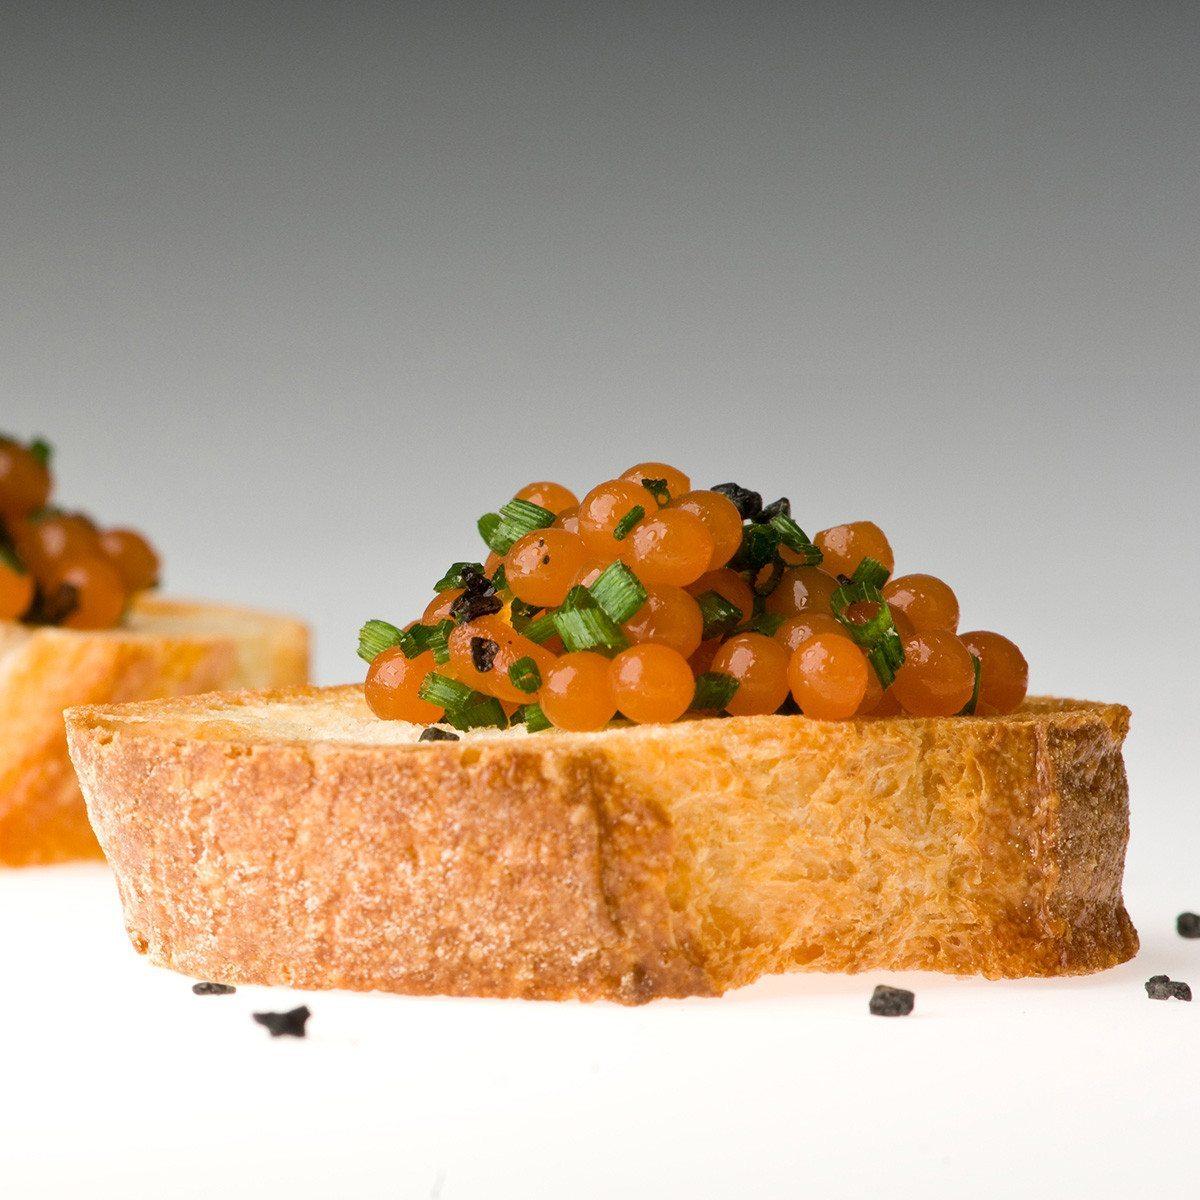 Revolutionär neu kochen: Starterset Molekularküche